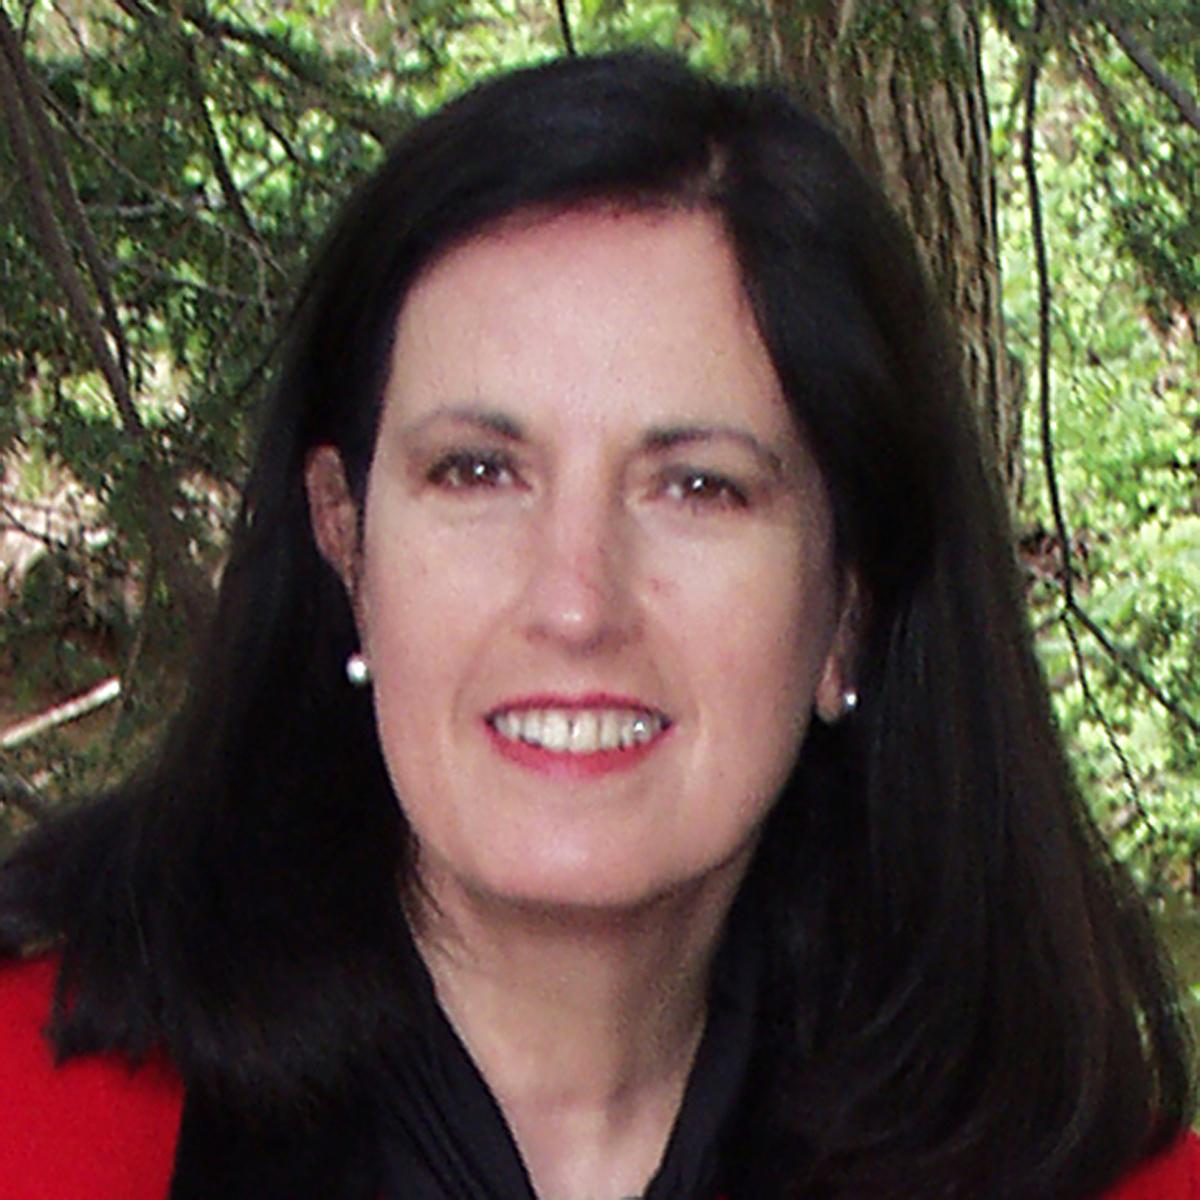 Sally Wiener Grotta by Daniel Grotta